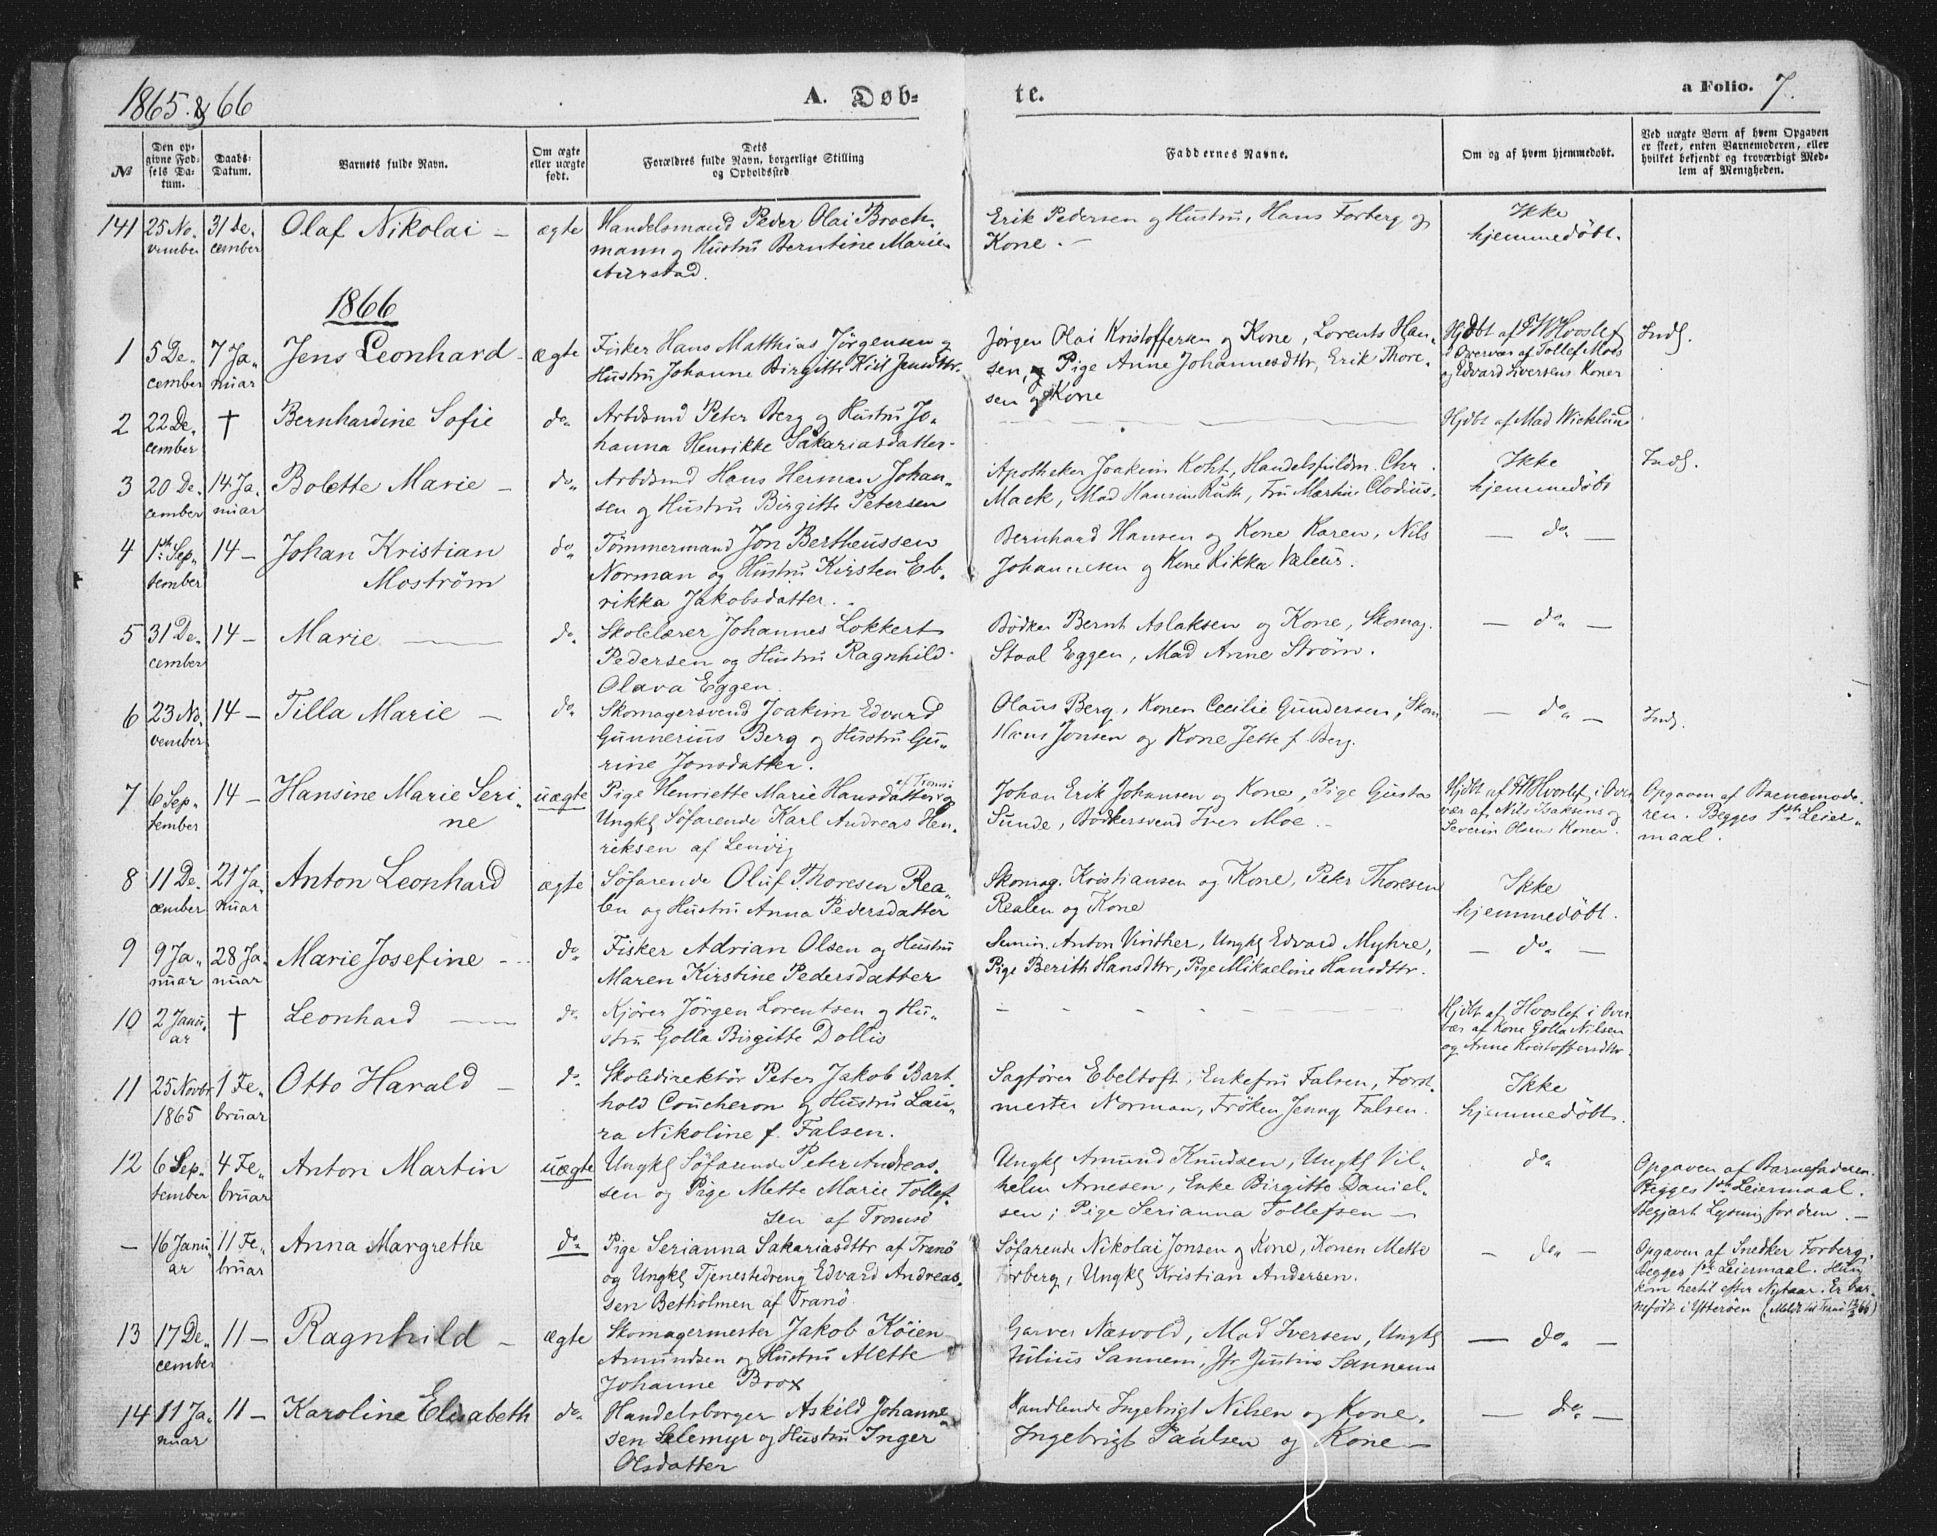 SATØ, Tromsø sokneprestkontor/stiftsprosti/domprosti, G/Ga/L0012kirke: Ministerialbok nr. 12, 1865-1871, s. 7